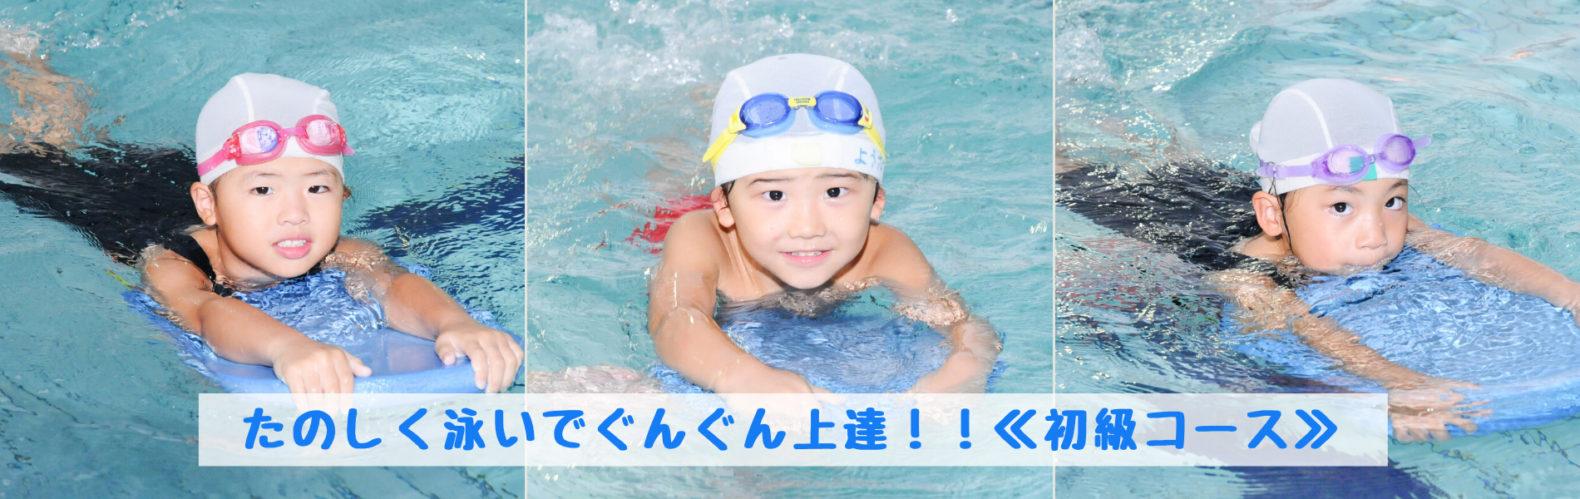 たのしく泳いでぐんぐん上達!!≪初級コース≫